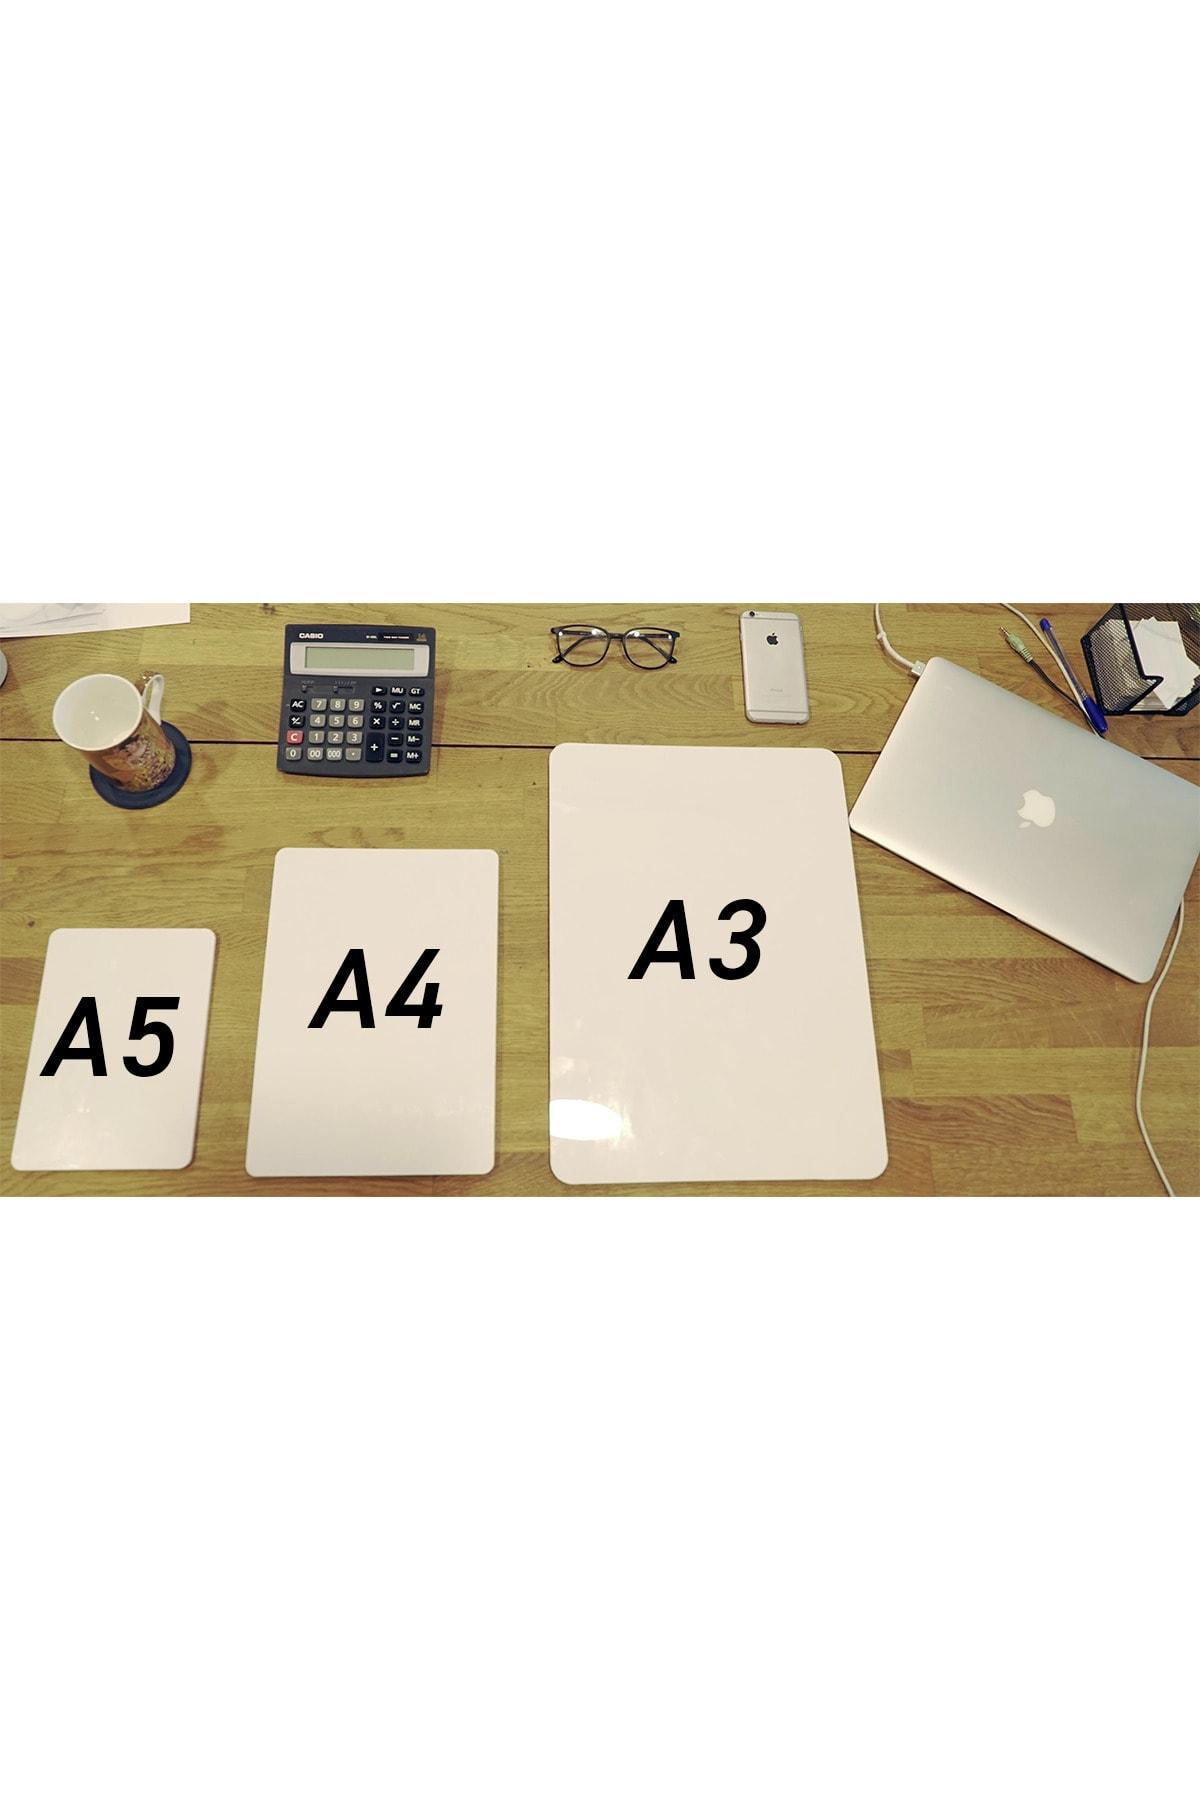 WALLMAGE ® Easyboard Kararmaz Beyaz Yazı Tahtası - A3 29.7 cm X 42 cm 2